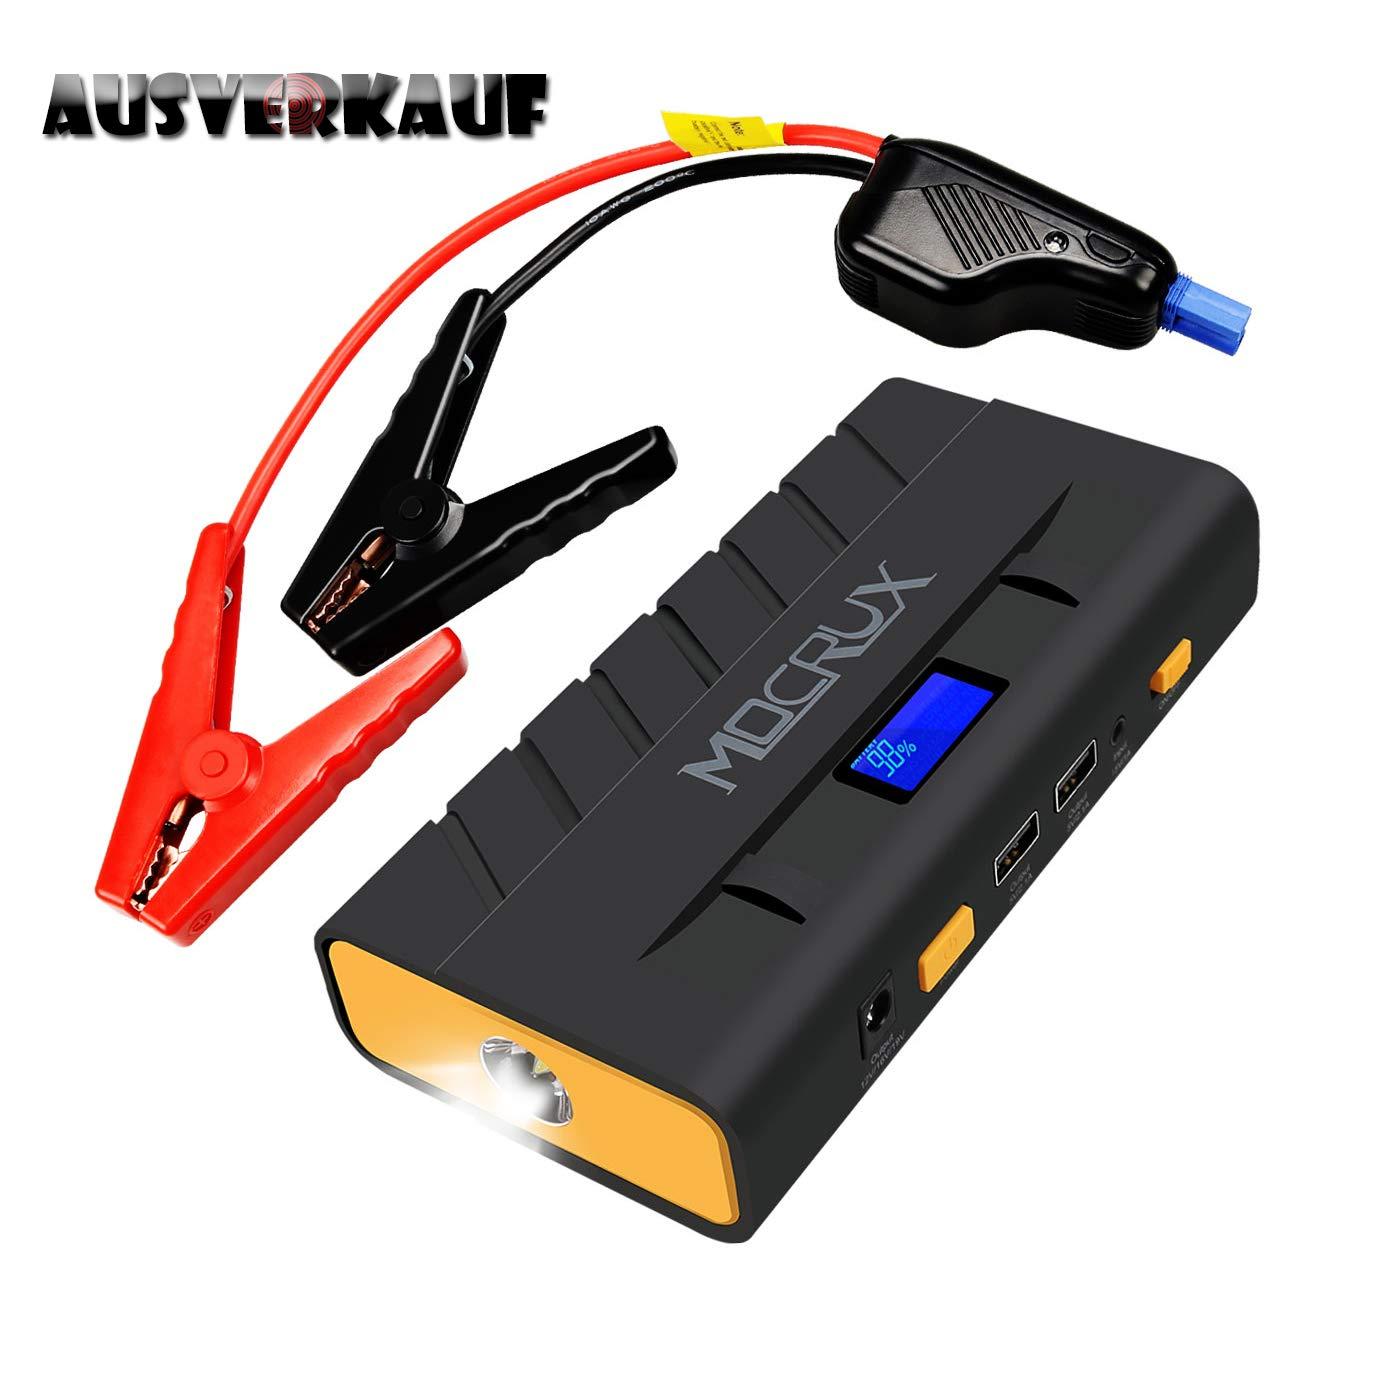 MOCRUX Auto Starthilfe, 500A Spitzenstrom 13600mAh Tragbare Autobatterie Anlasser, Externer Akku Ladegerä t mit Eingebaute LED Taschenlampe, LCD Display fü r Laptop, Smartphone, Tablet